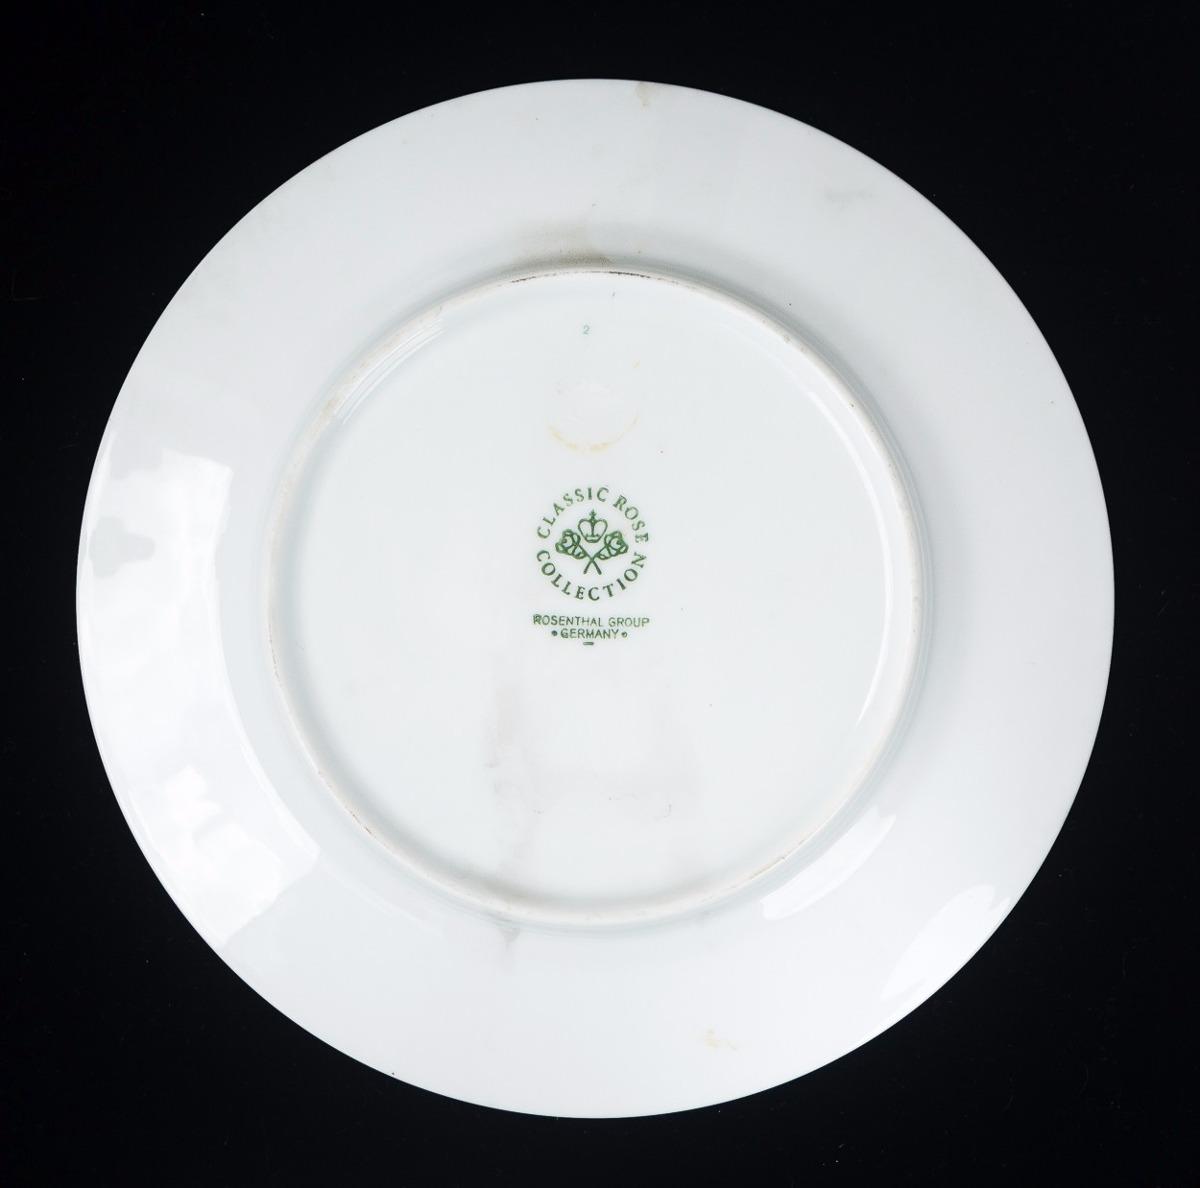 Plato de porcelana alemana rosenthal bs en for Platos porcelana